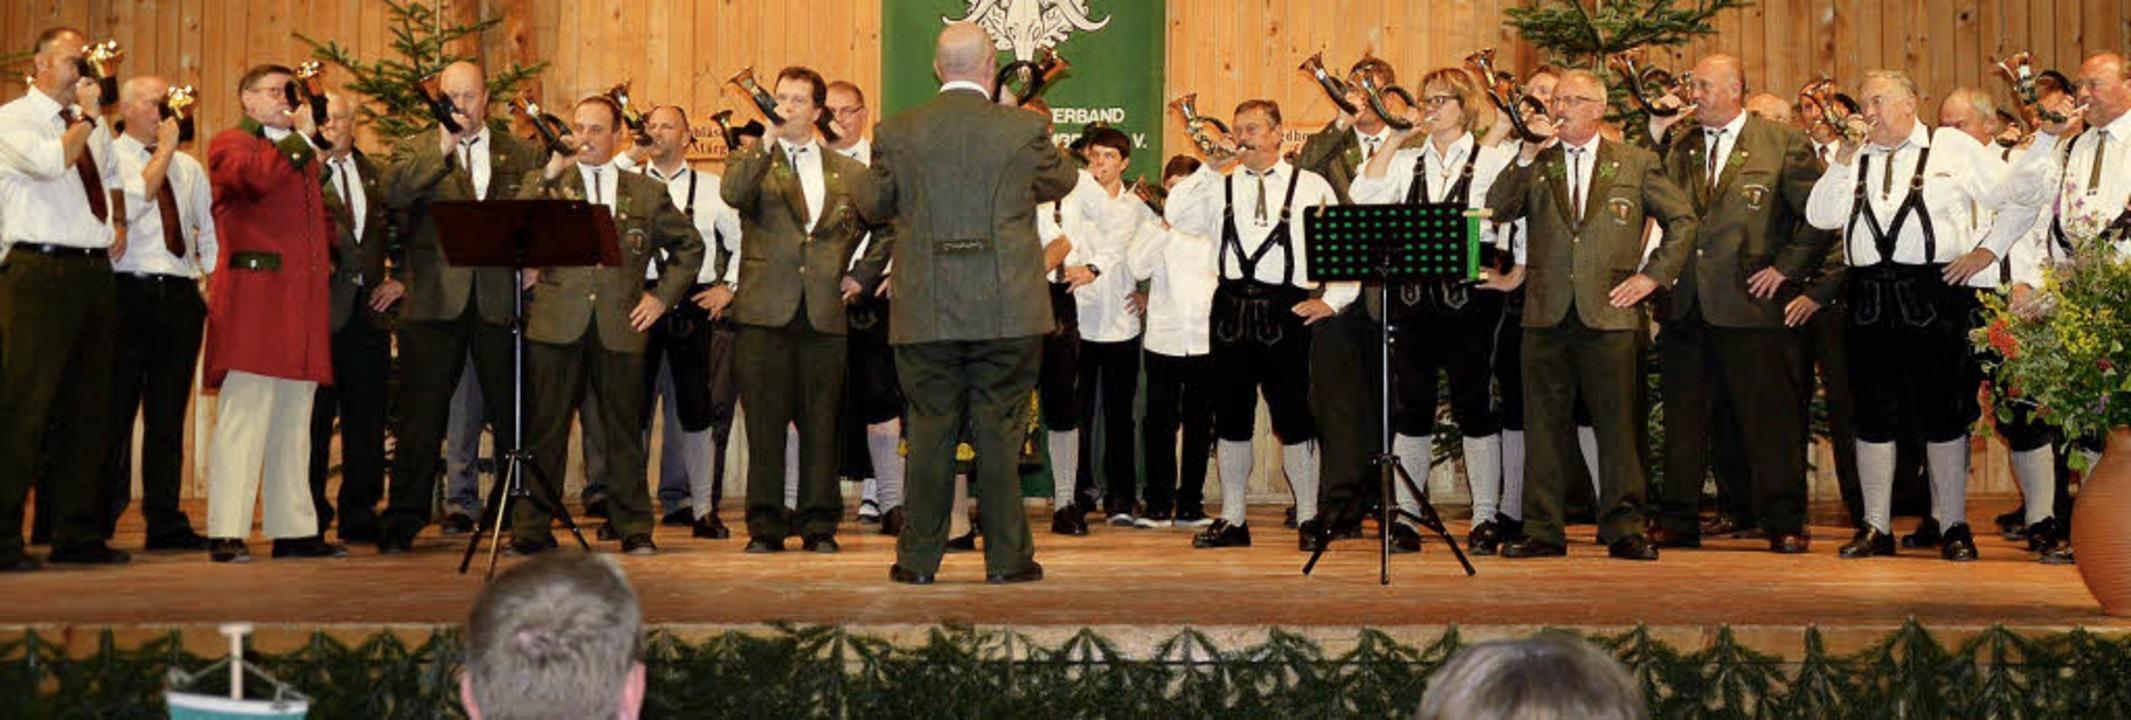 Horn an Horn zum Geburtstagsständchen.  | Foto: Hättich